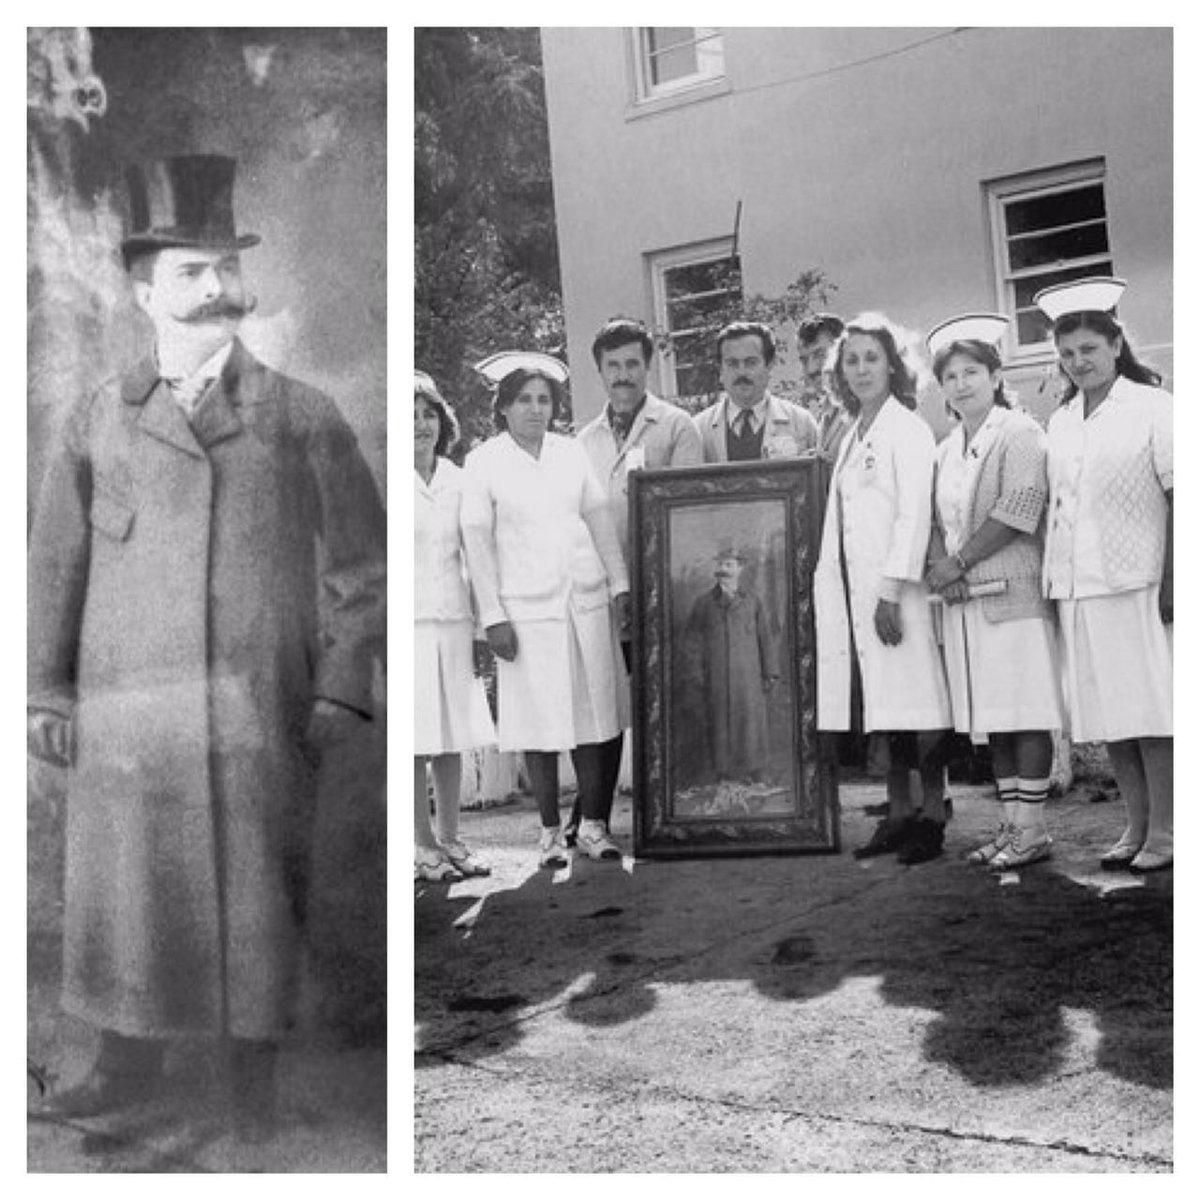 """Türk Musevileri Müzesi on Twitter: """"Manisa Morris Şinasi Çocuk Hastanesi Foto: Lorenzo Salzmann https://t.co/btXw8pIn6B… """""""